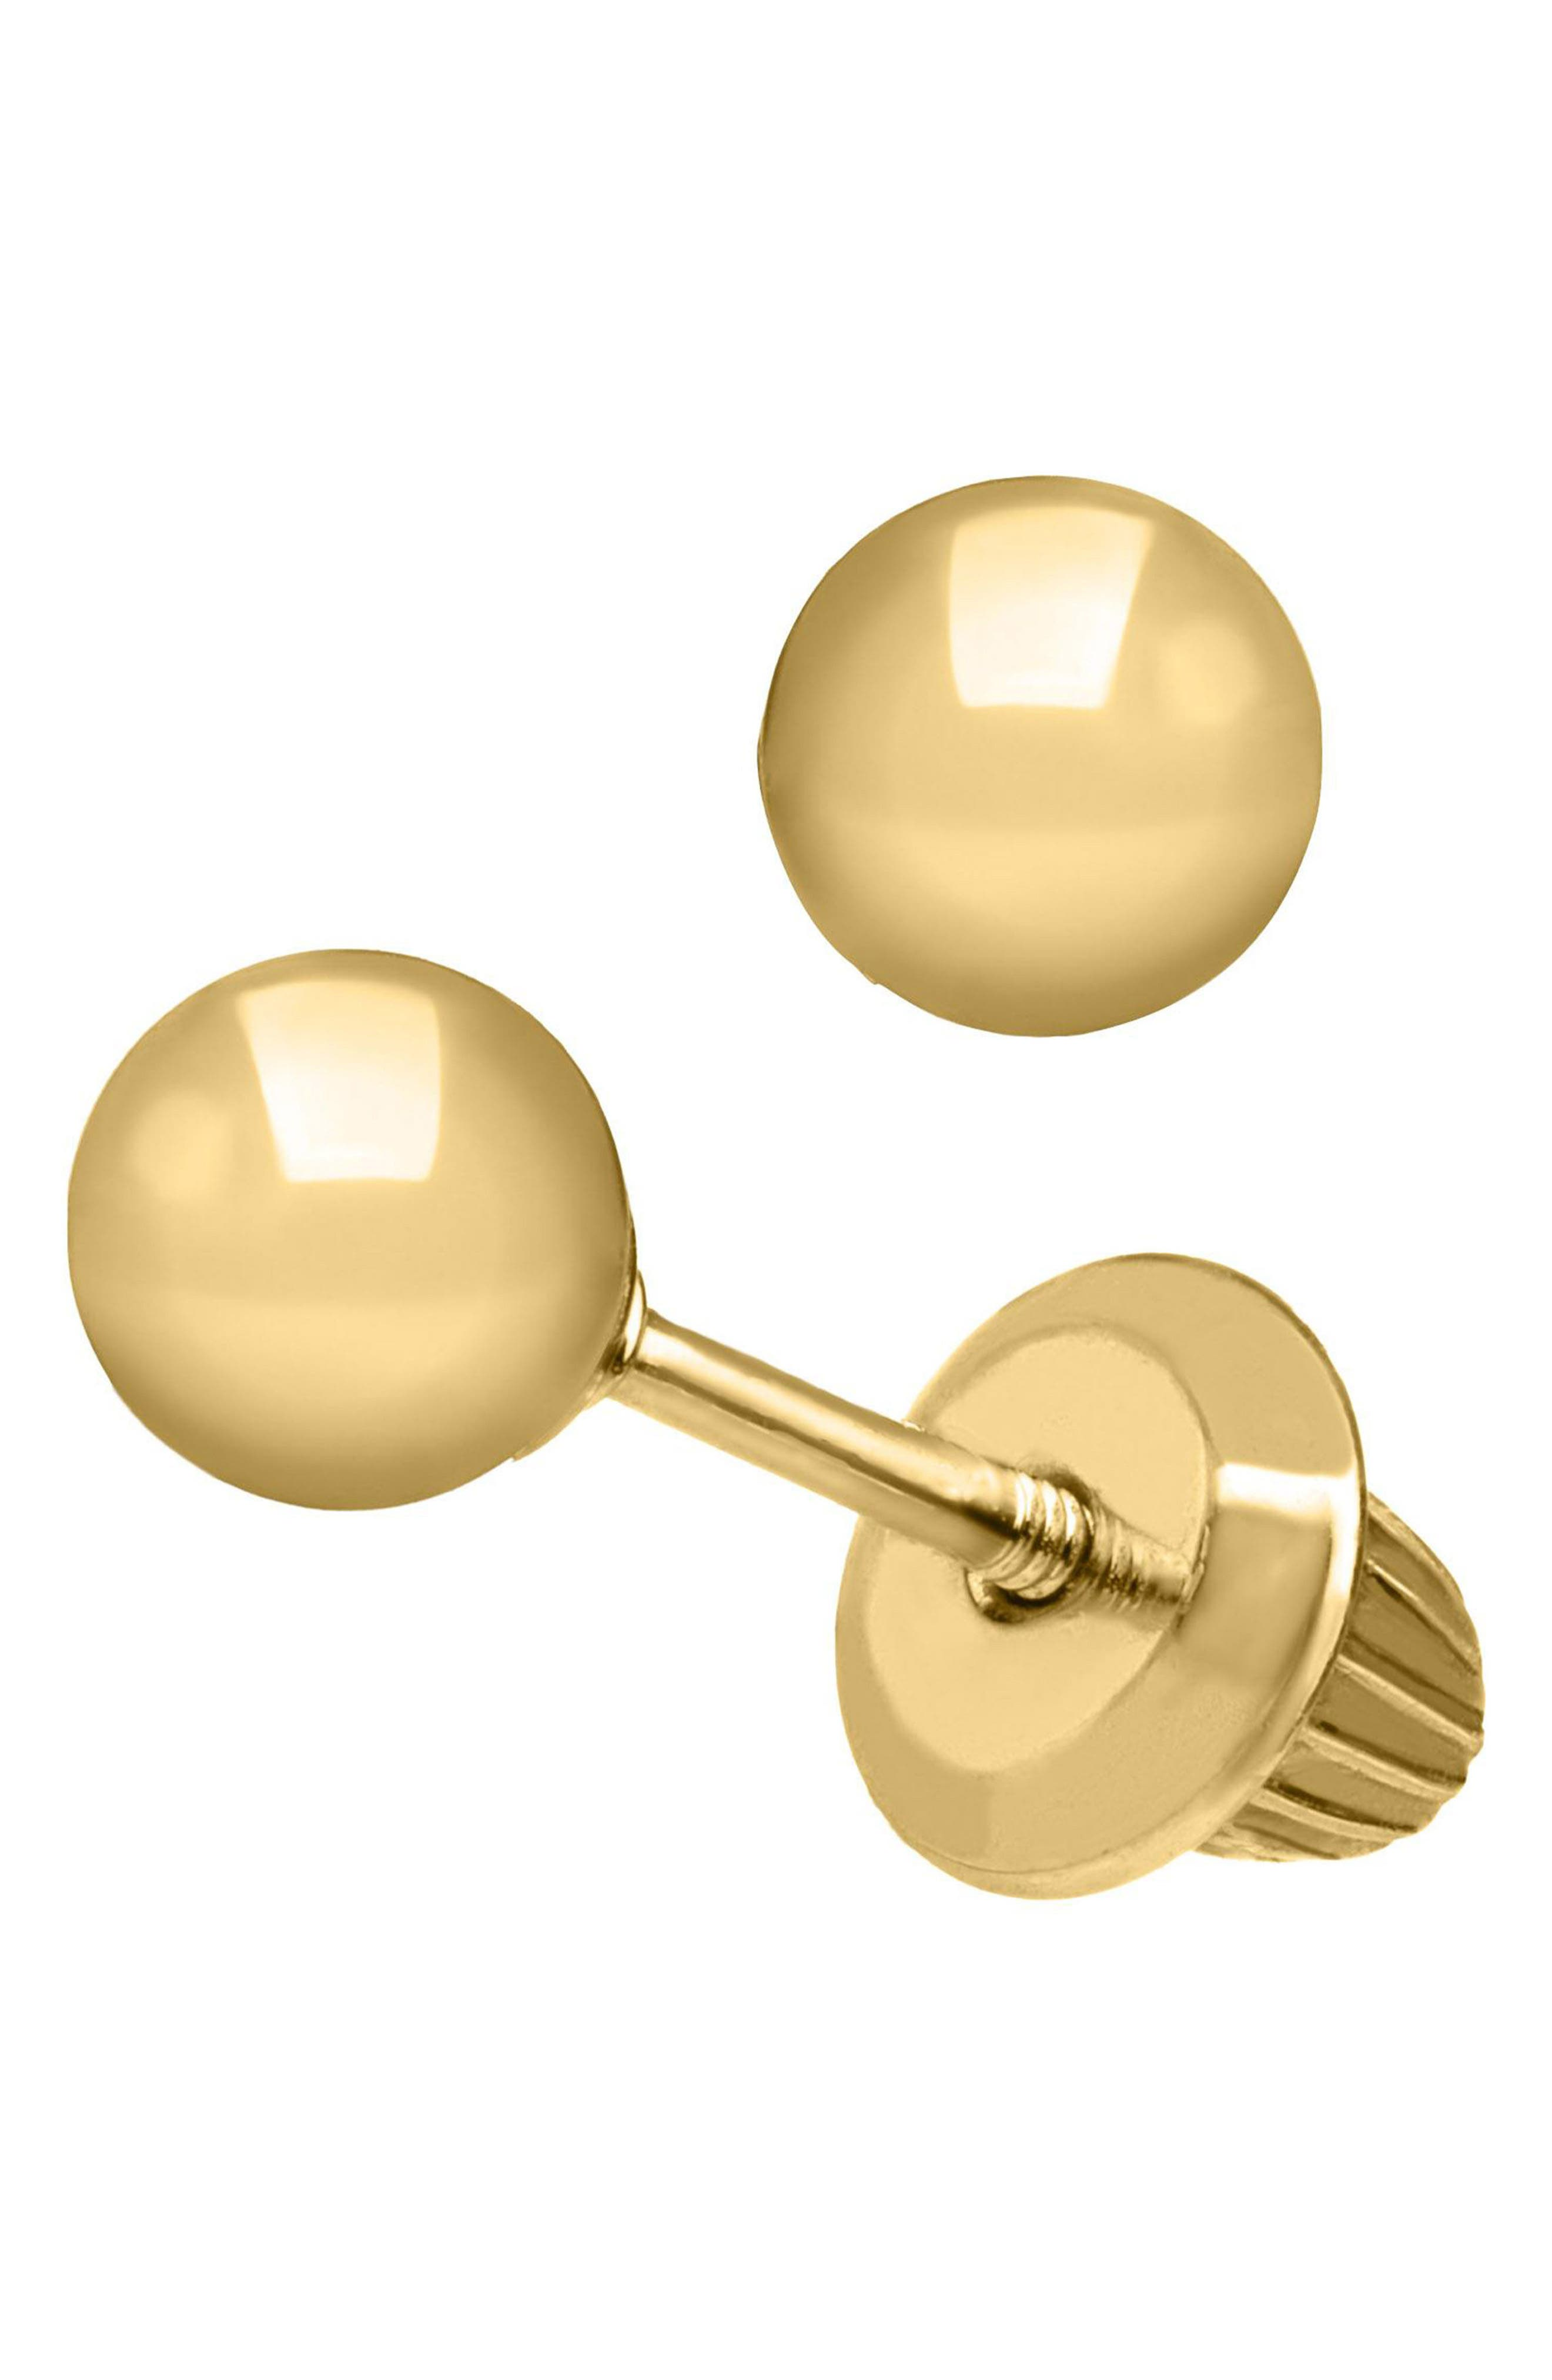 14k Gold Ball Earrings,                             Alternate thumbnail 2, color,                             GOLD